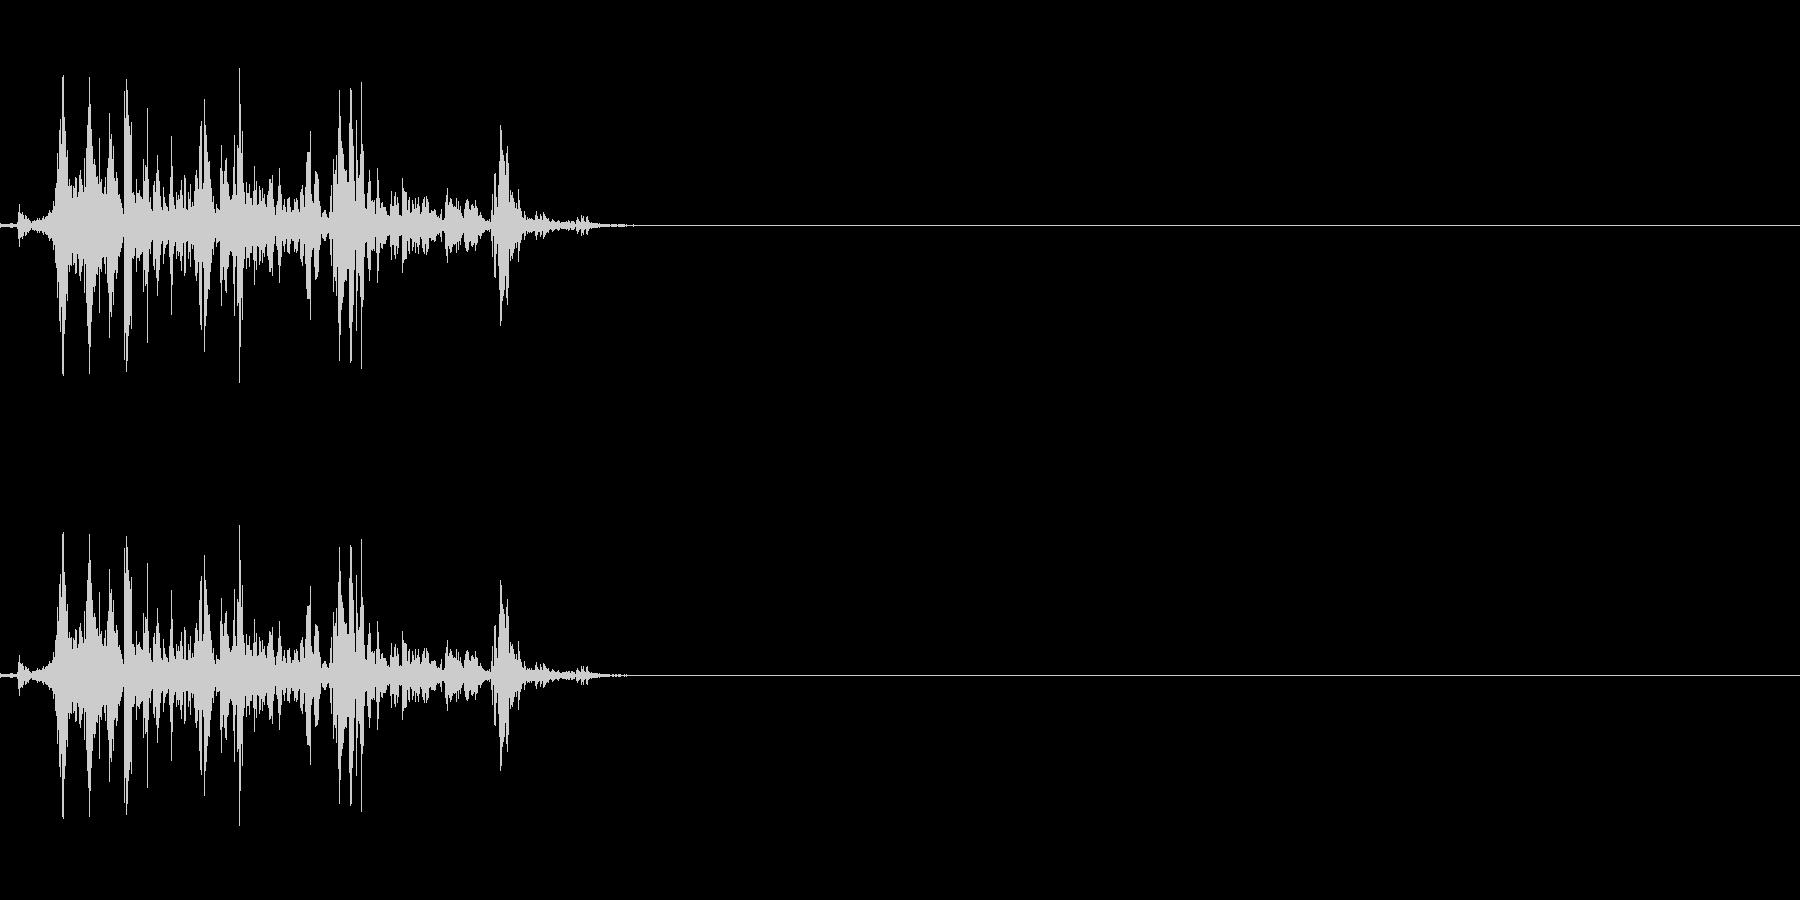 ウイスキーキャップの音の未再生の波形